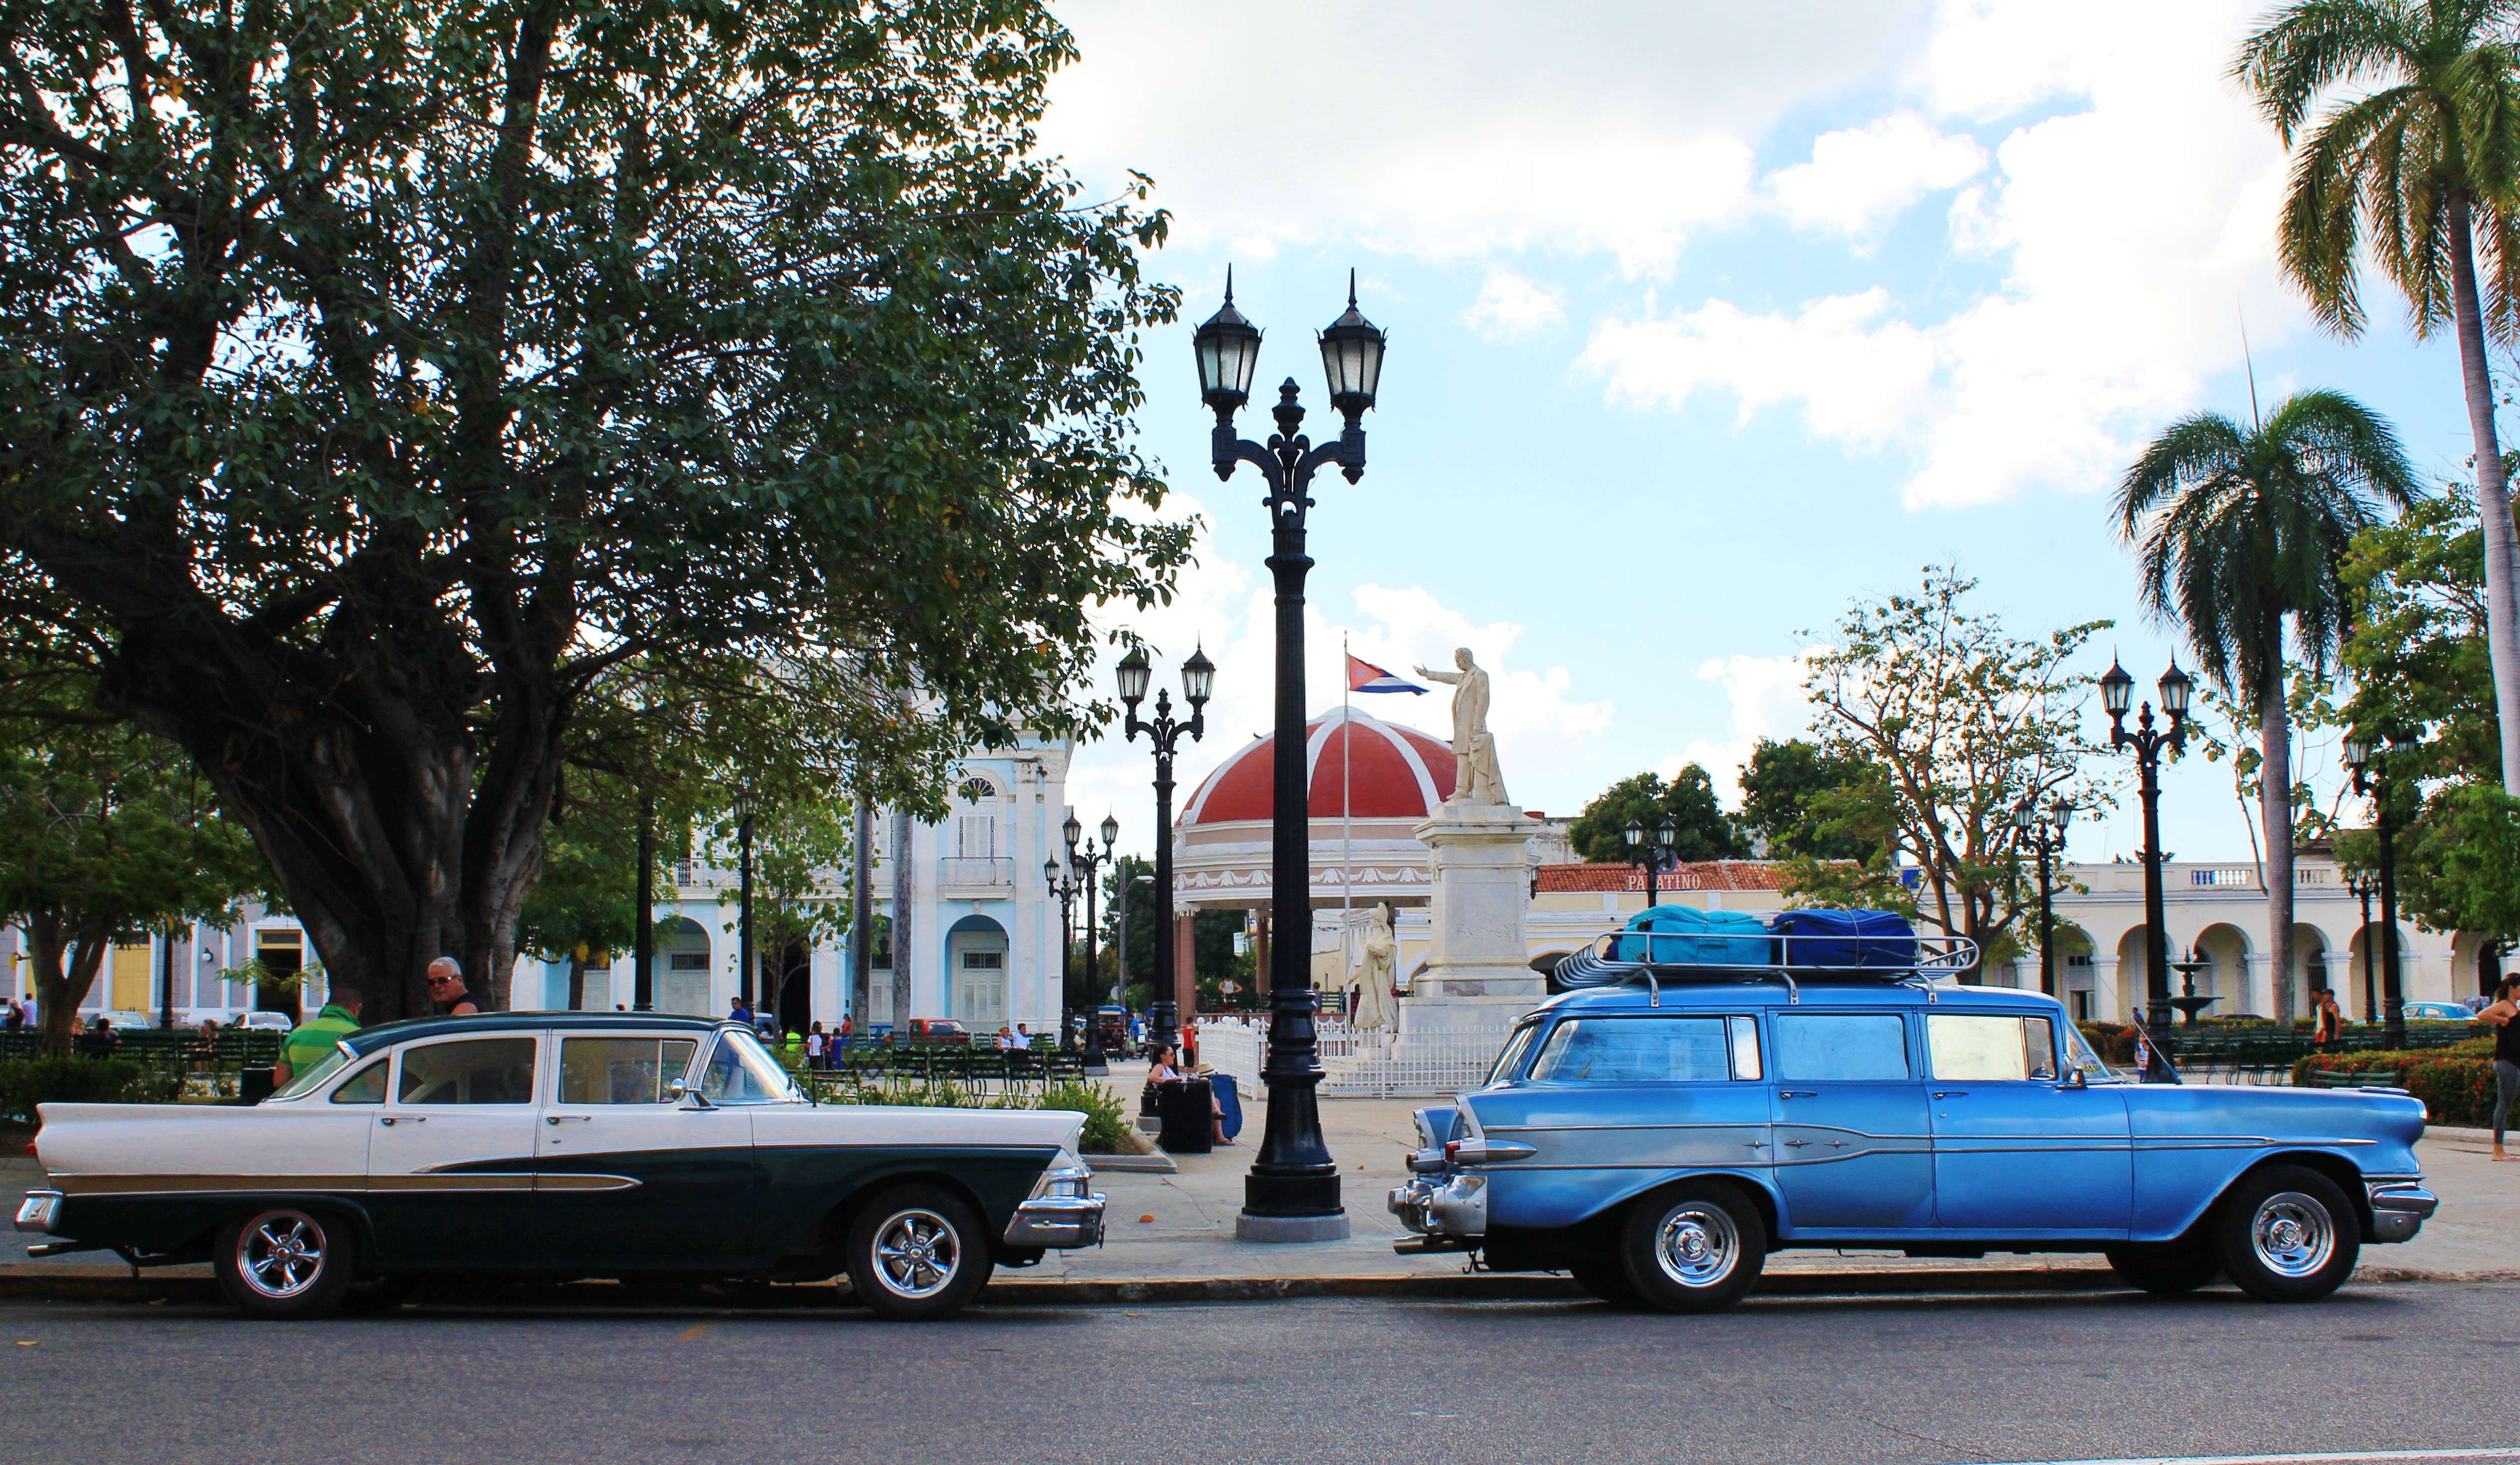 Plaza-Marti-Cienfuegos A Cuban Road Trip, Part 1 - Cienfuegos Cienfuegos Cuba